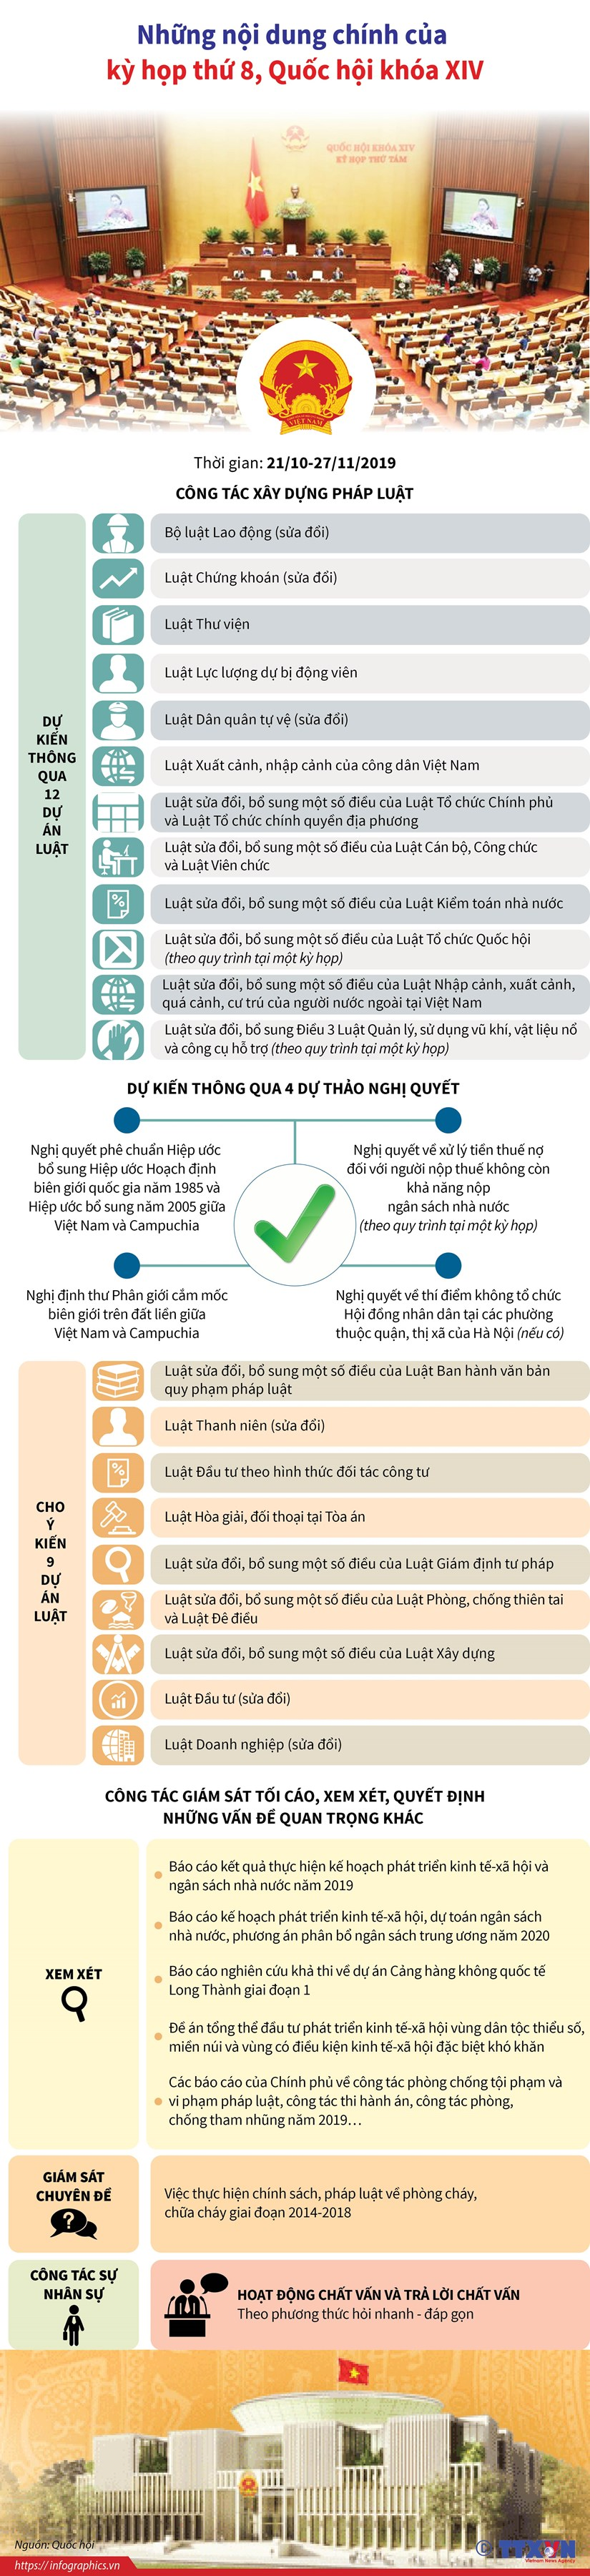 [Infographics] Nhung noi dung chinh cua ky hop thu 8 QH khoa XIV hinh anh 1